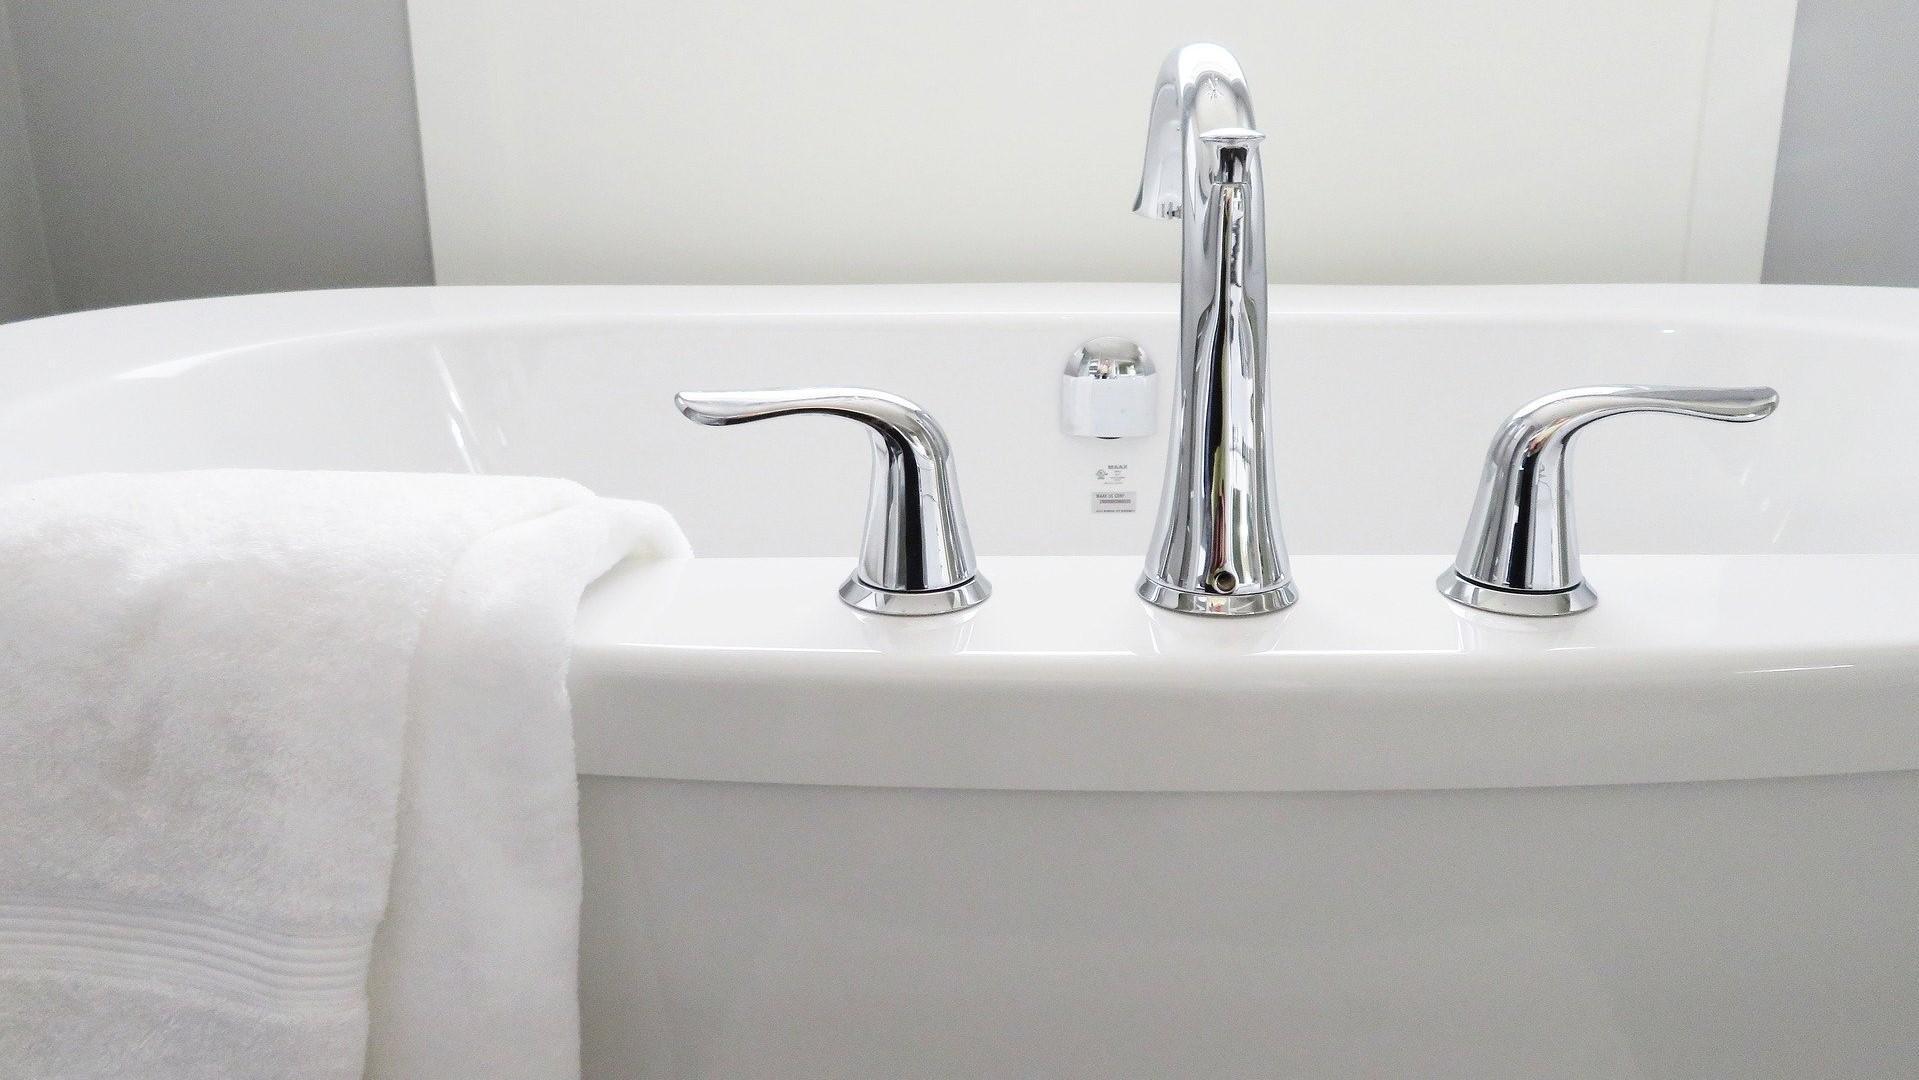 Wenn die Badewanne nicht ablaufen will, helfen meist schon kleine Tipps und Tricks.